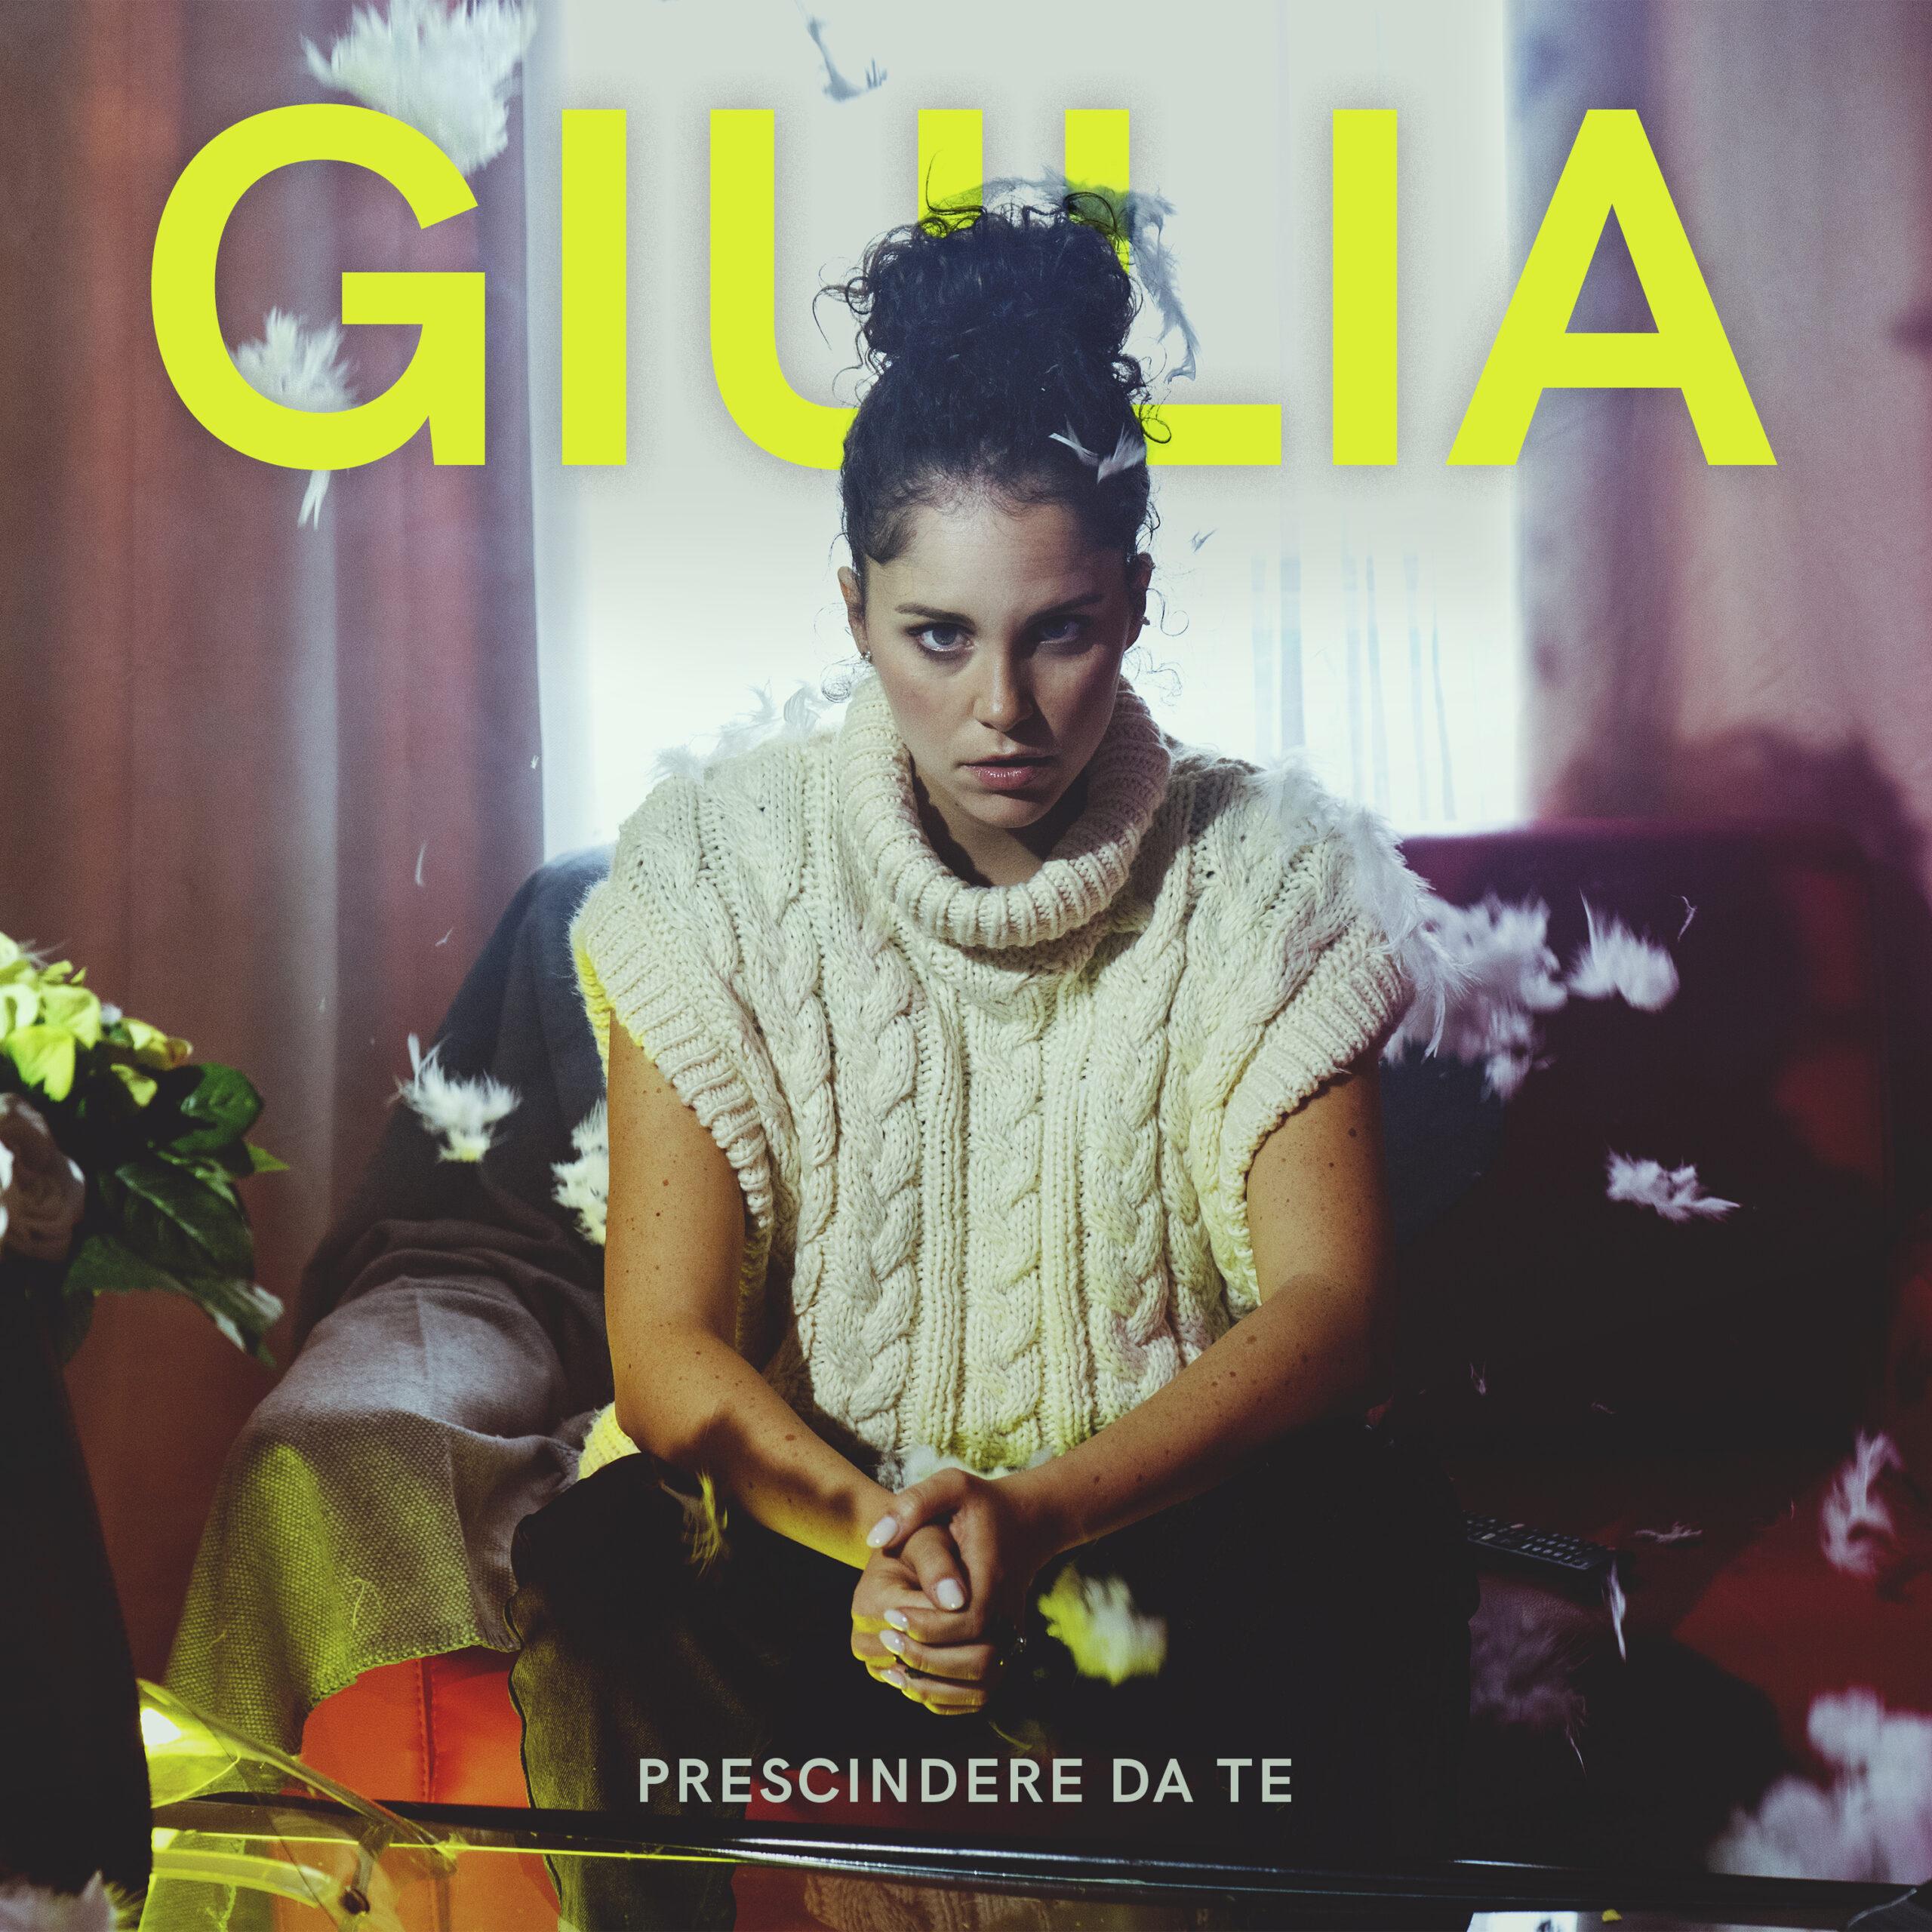 """""""PRESCINDERE DA TE"""": L'INTERVISTA A GIULIA"""